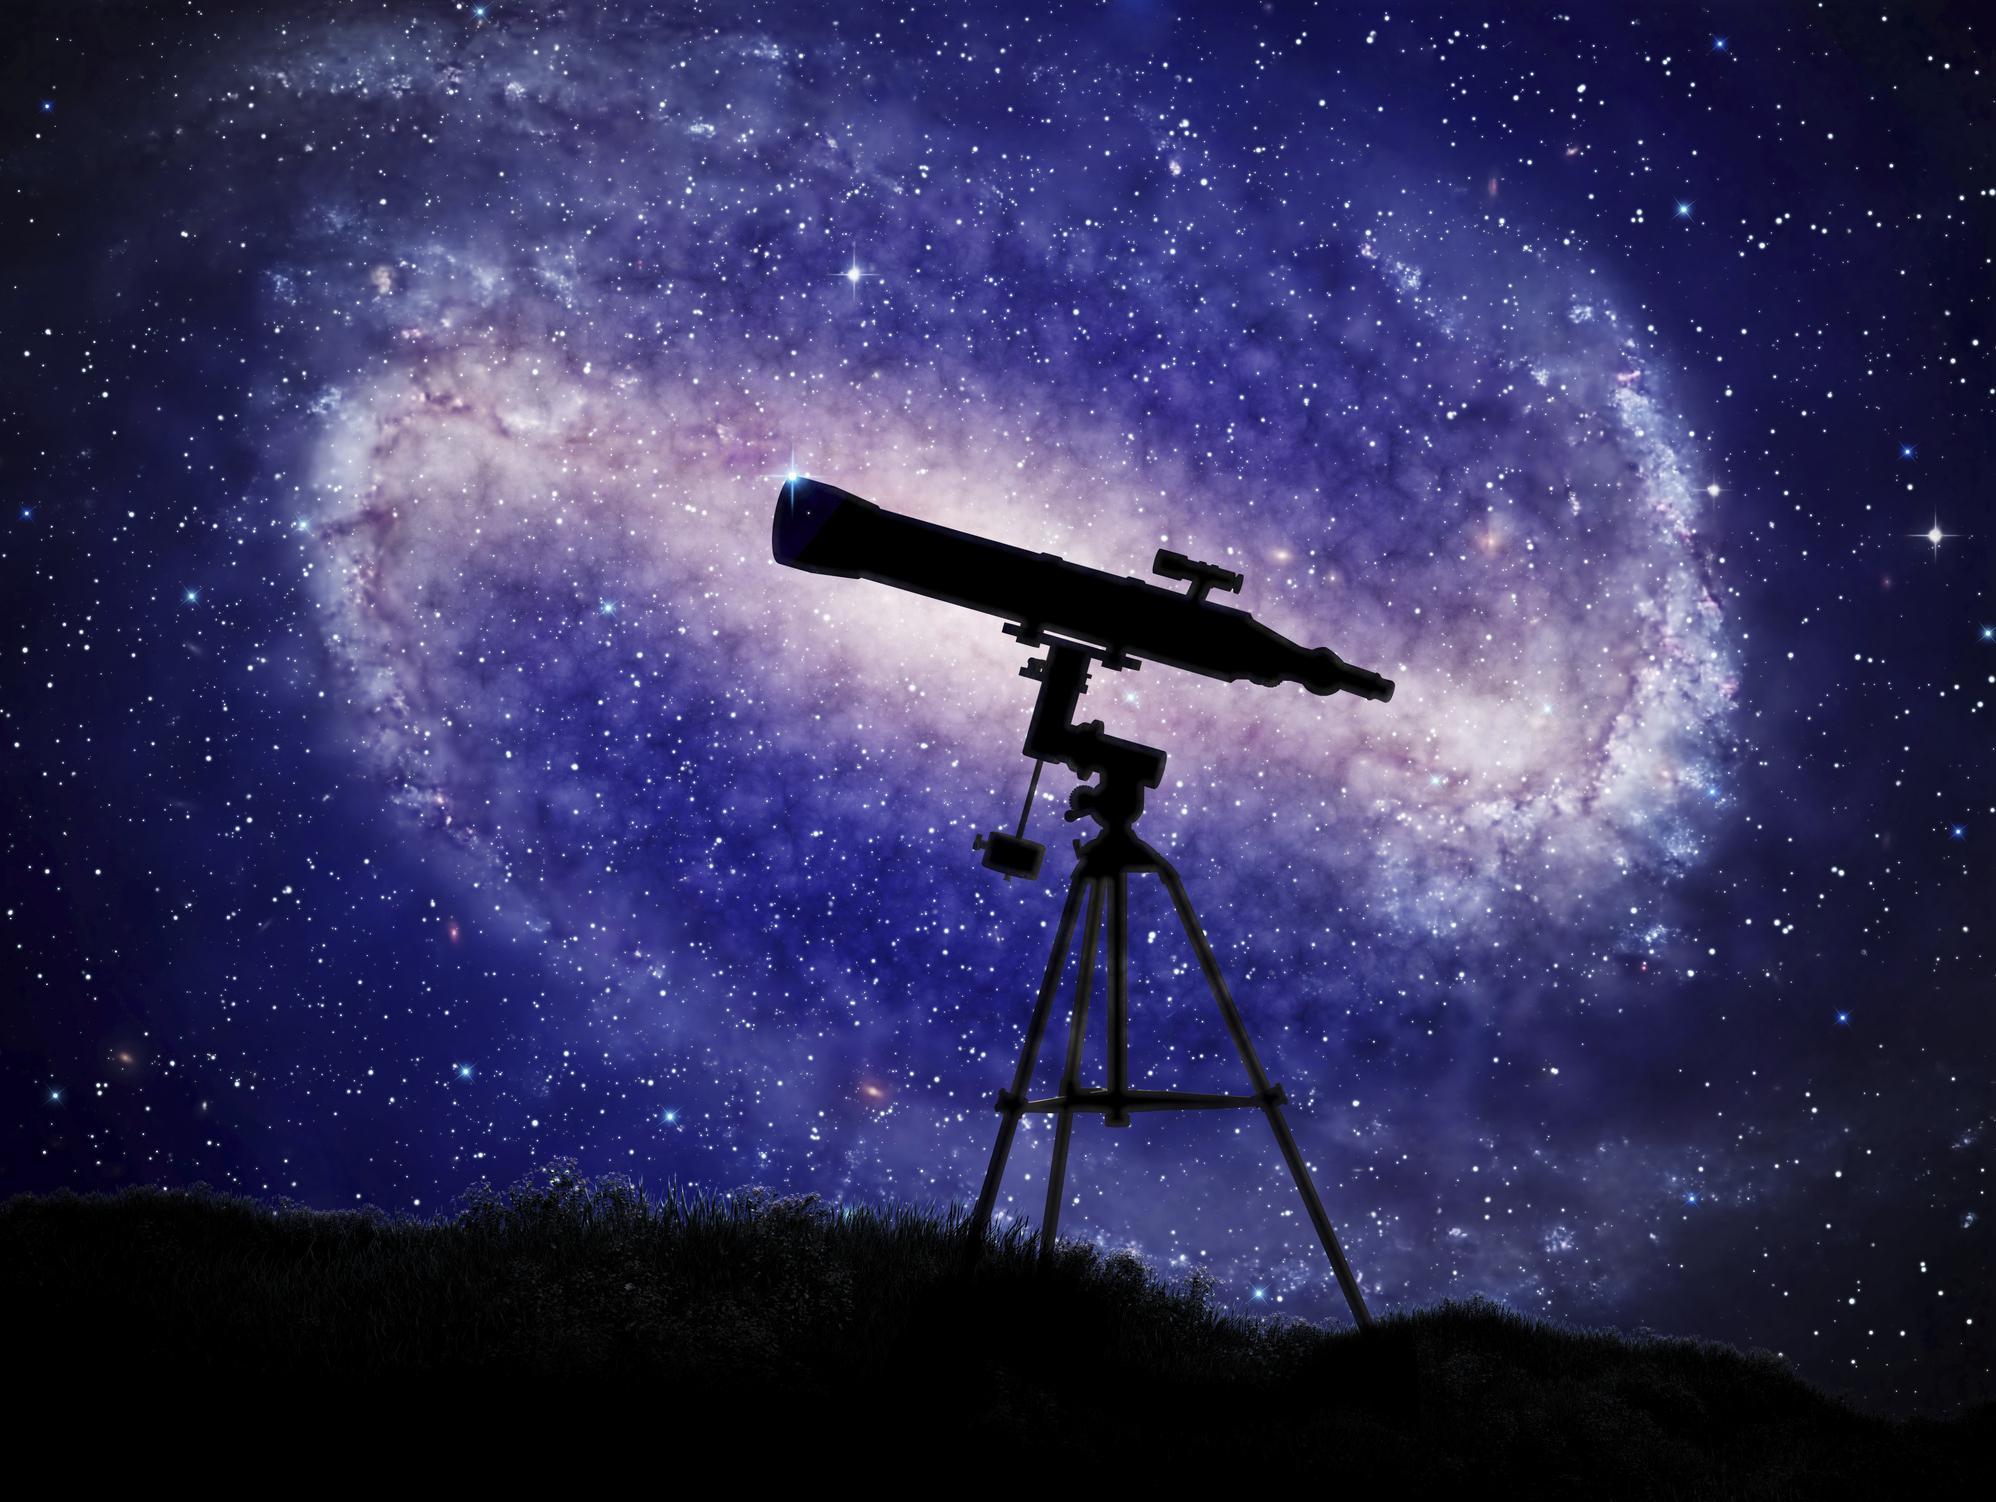 Звёздное небо онлайн: телескоп в интернете